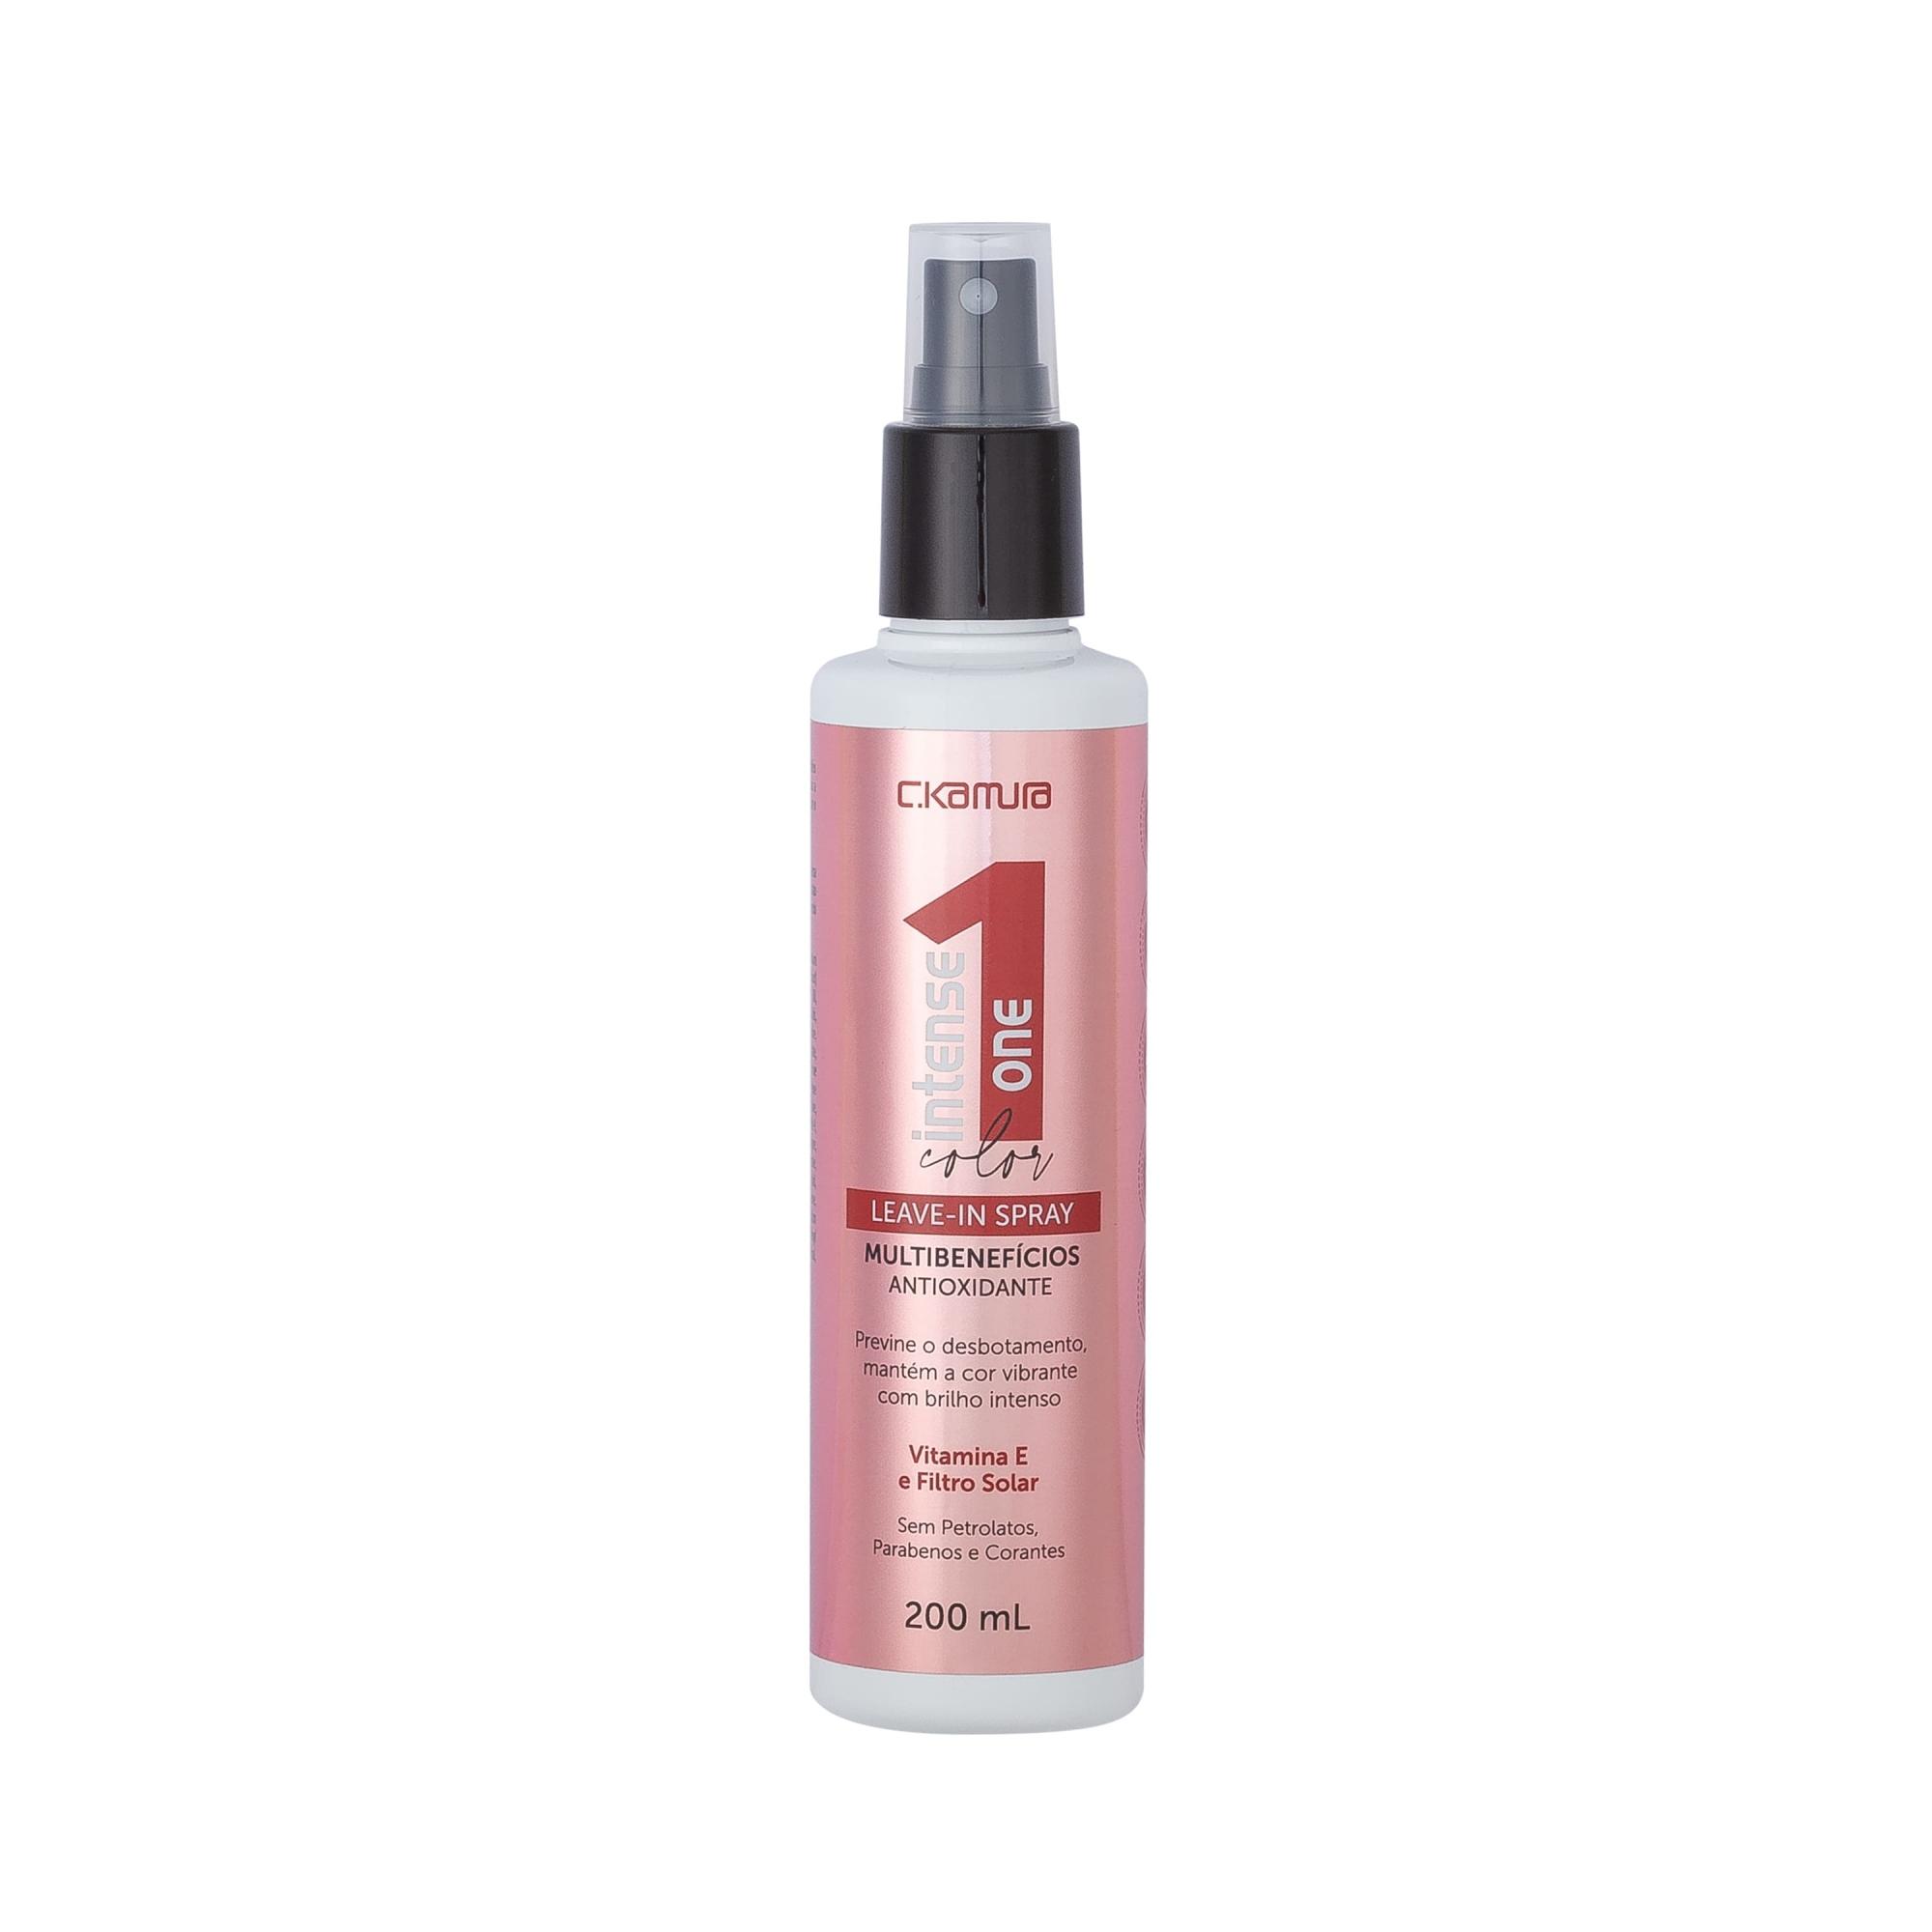 Leave-In Spray Intense One Color CKamura 200Ml